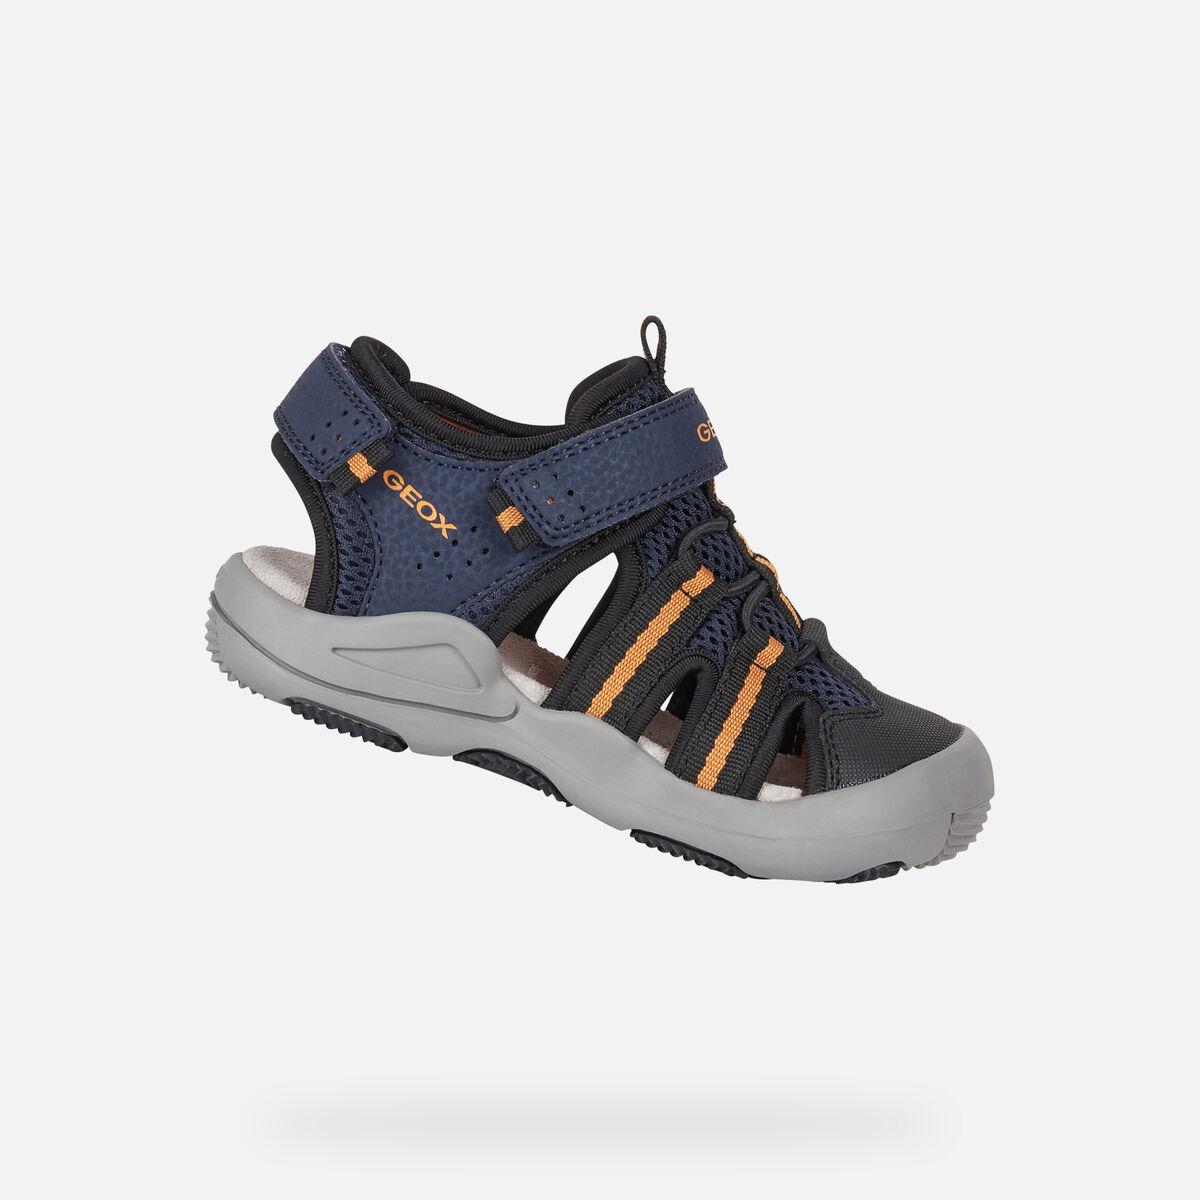 sandale-geox-pour-garçon-bleu-marine-orange-bout-fermé-J15E1A-c0820_A